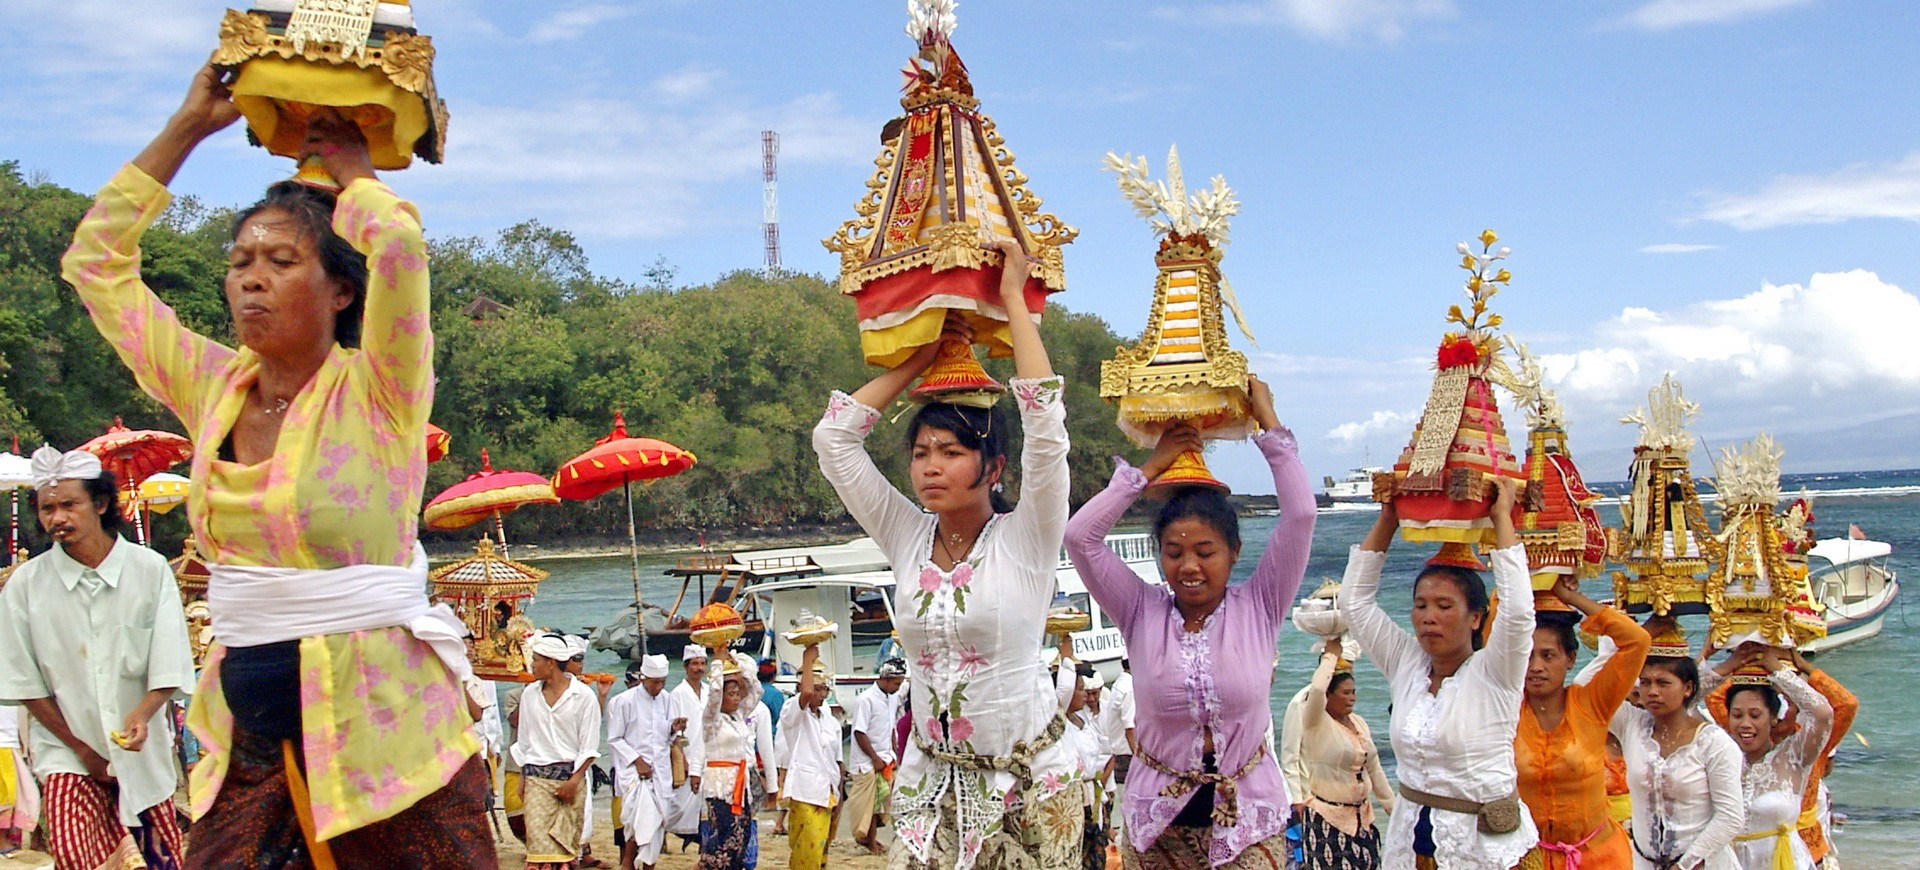 Offerandes aux Dieux à Bali